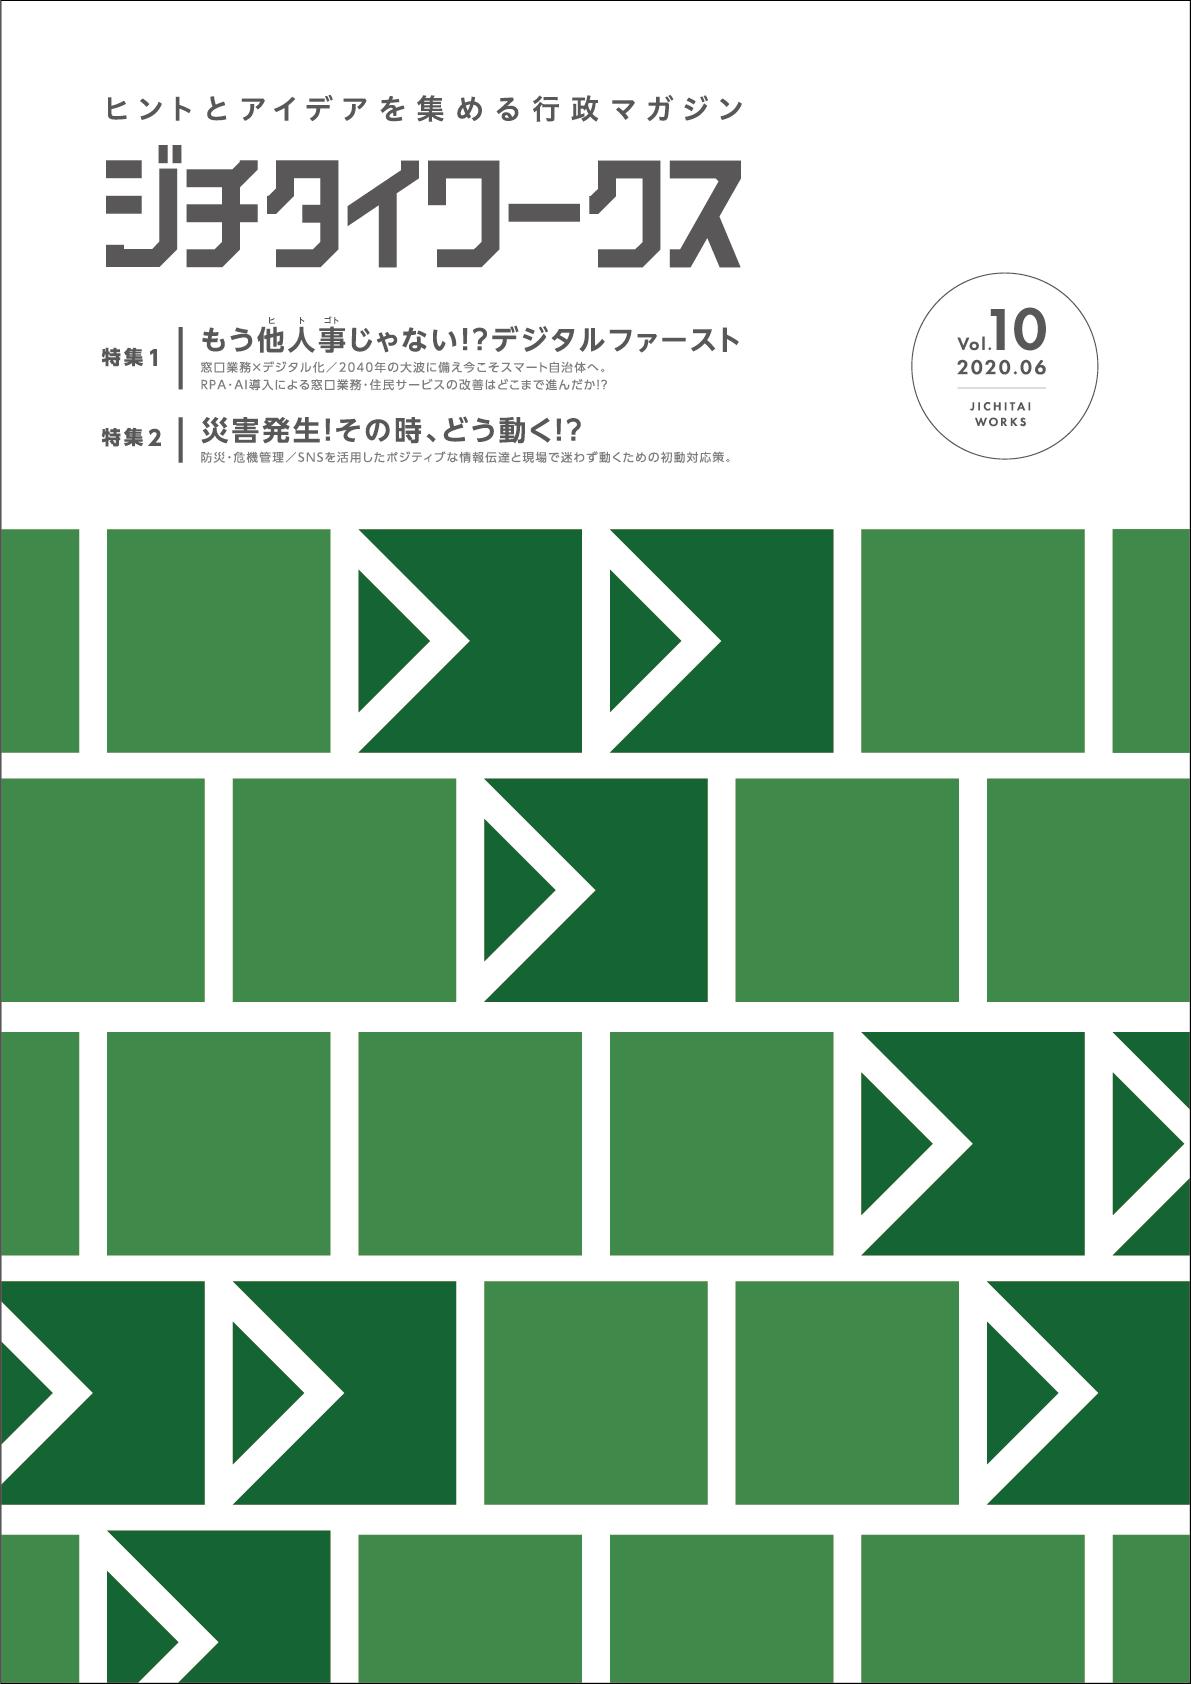 【千葉県習志野市】習志野市のロゴが情報誌の表紙になりました。 画像